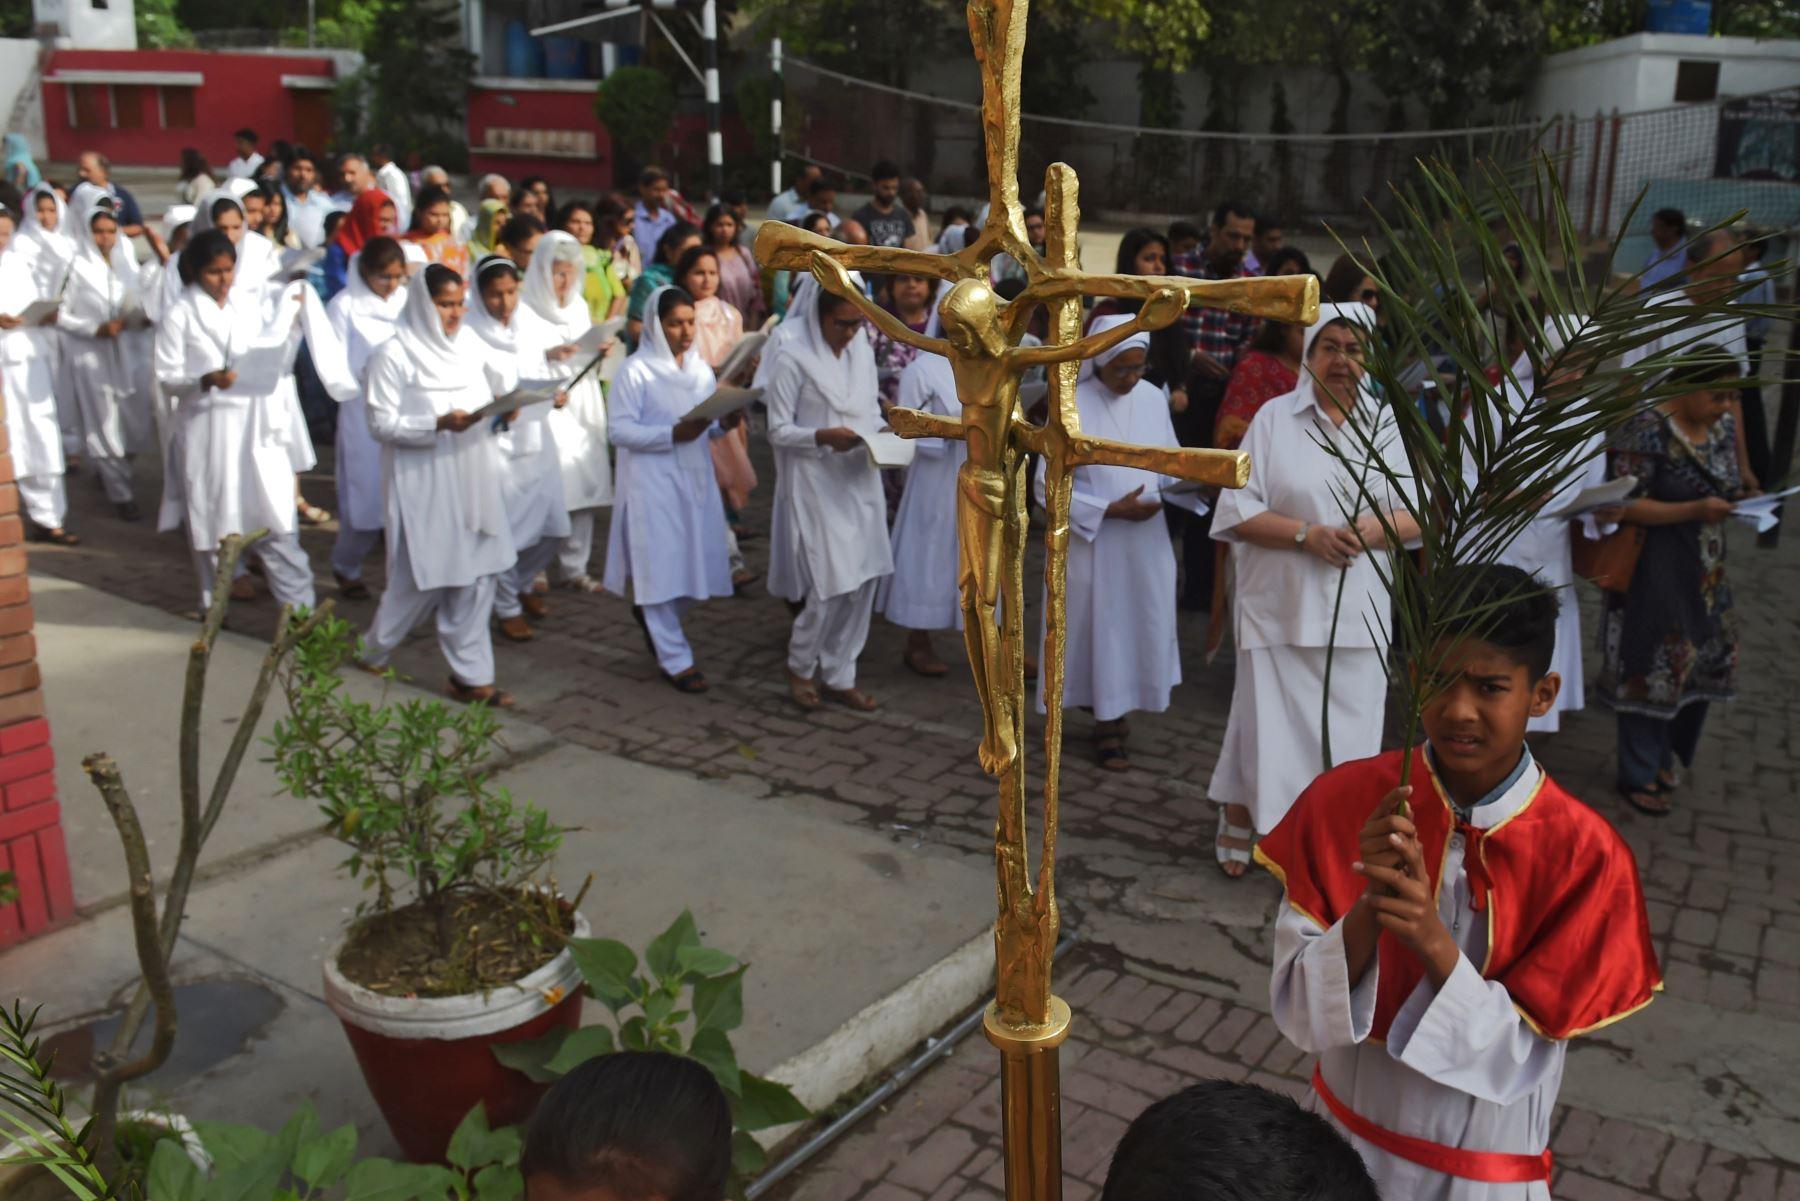 Las monjas cristianas lideran una procesión del Domingo de Ramos en la Iglesia de San Antonio en Lahore en Pakistán. Foto:AFP